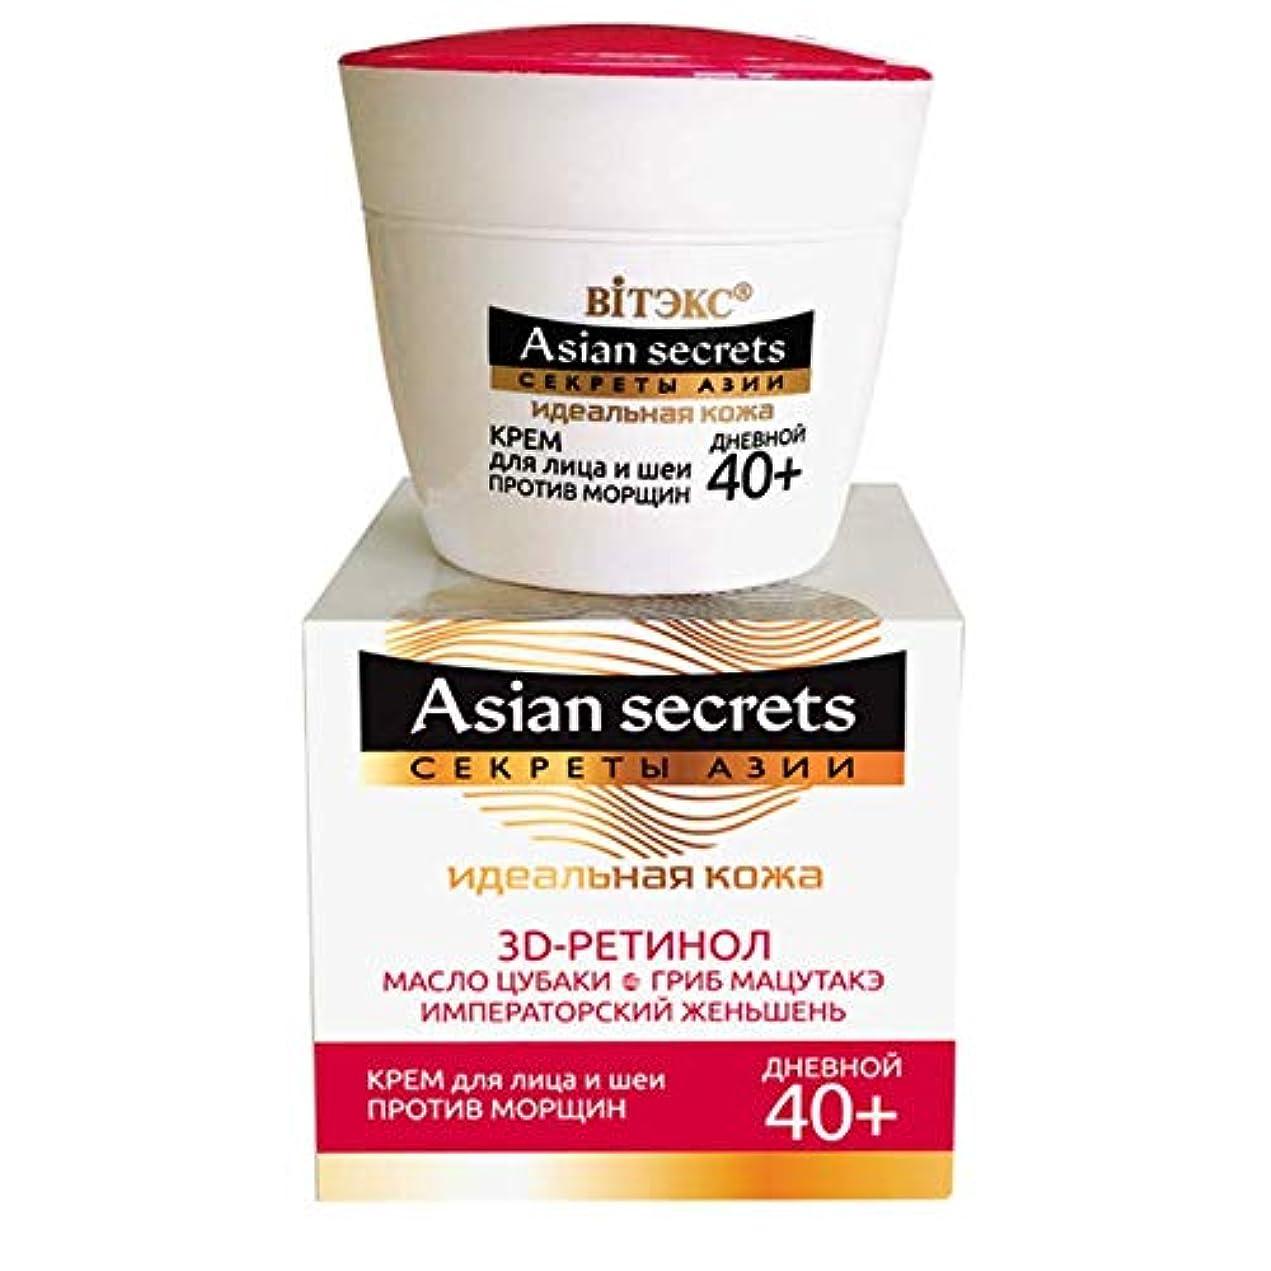 子供達ブリーク同意するSkin Care Moisturizer for dry skin and normal skin. Korean Beauty - Face day Cream Moisturizer | Japanese Camellia...